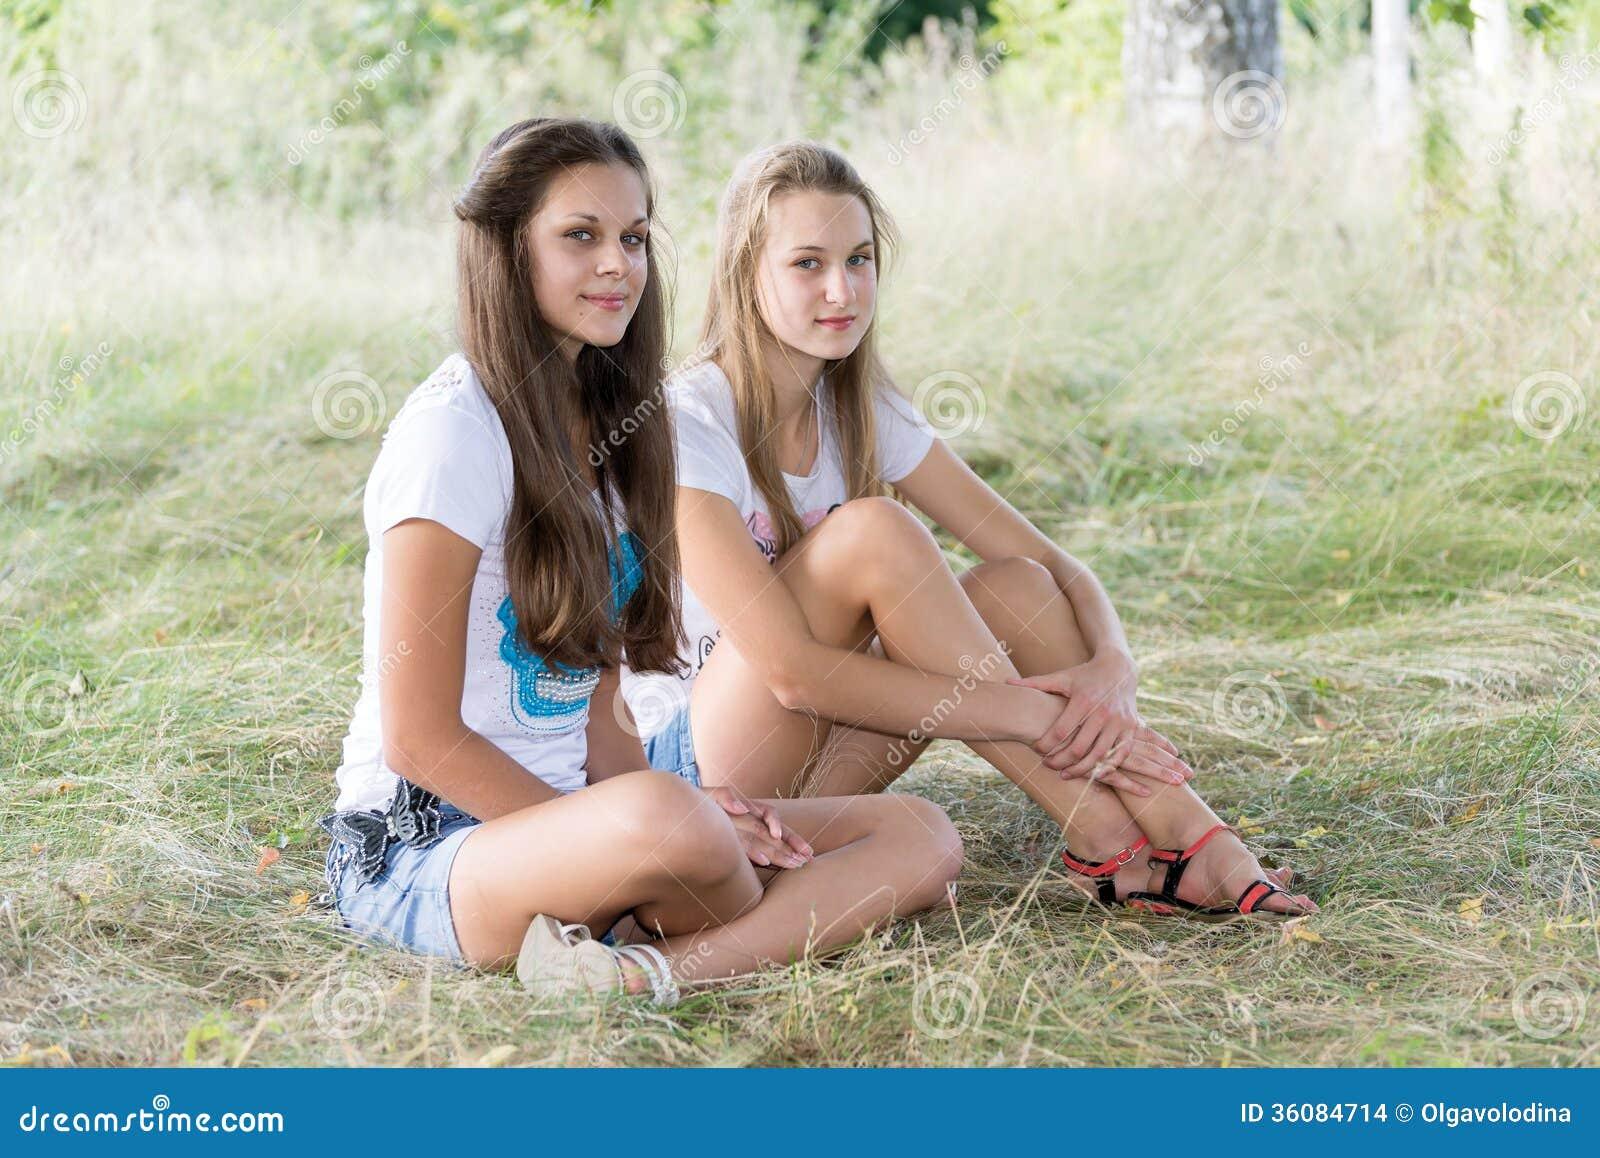 Развратные девочки подростки 11 фотография